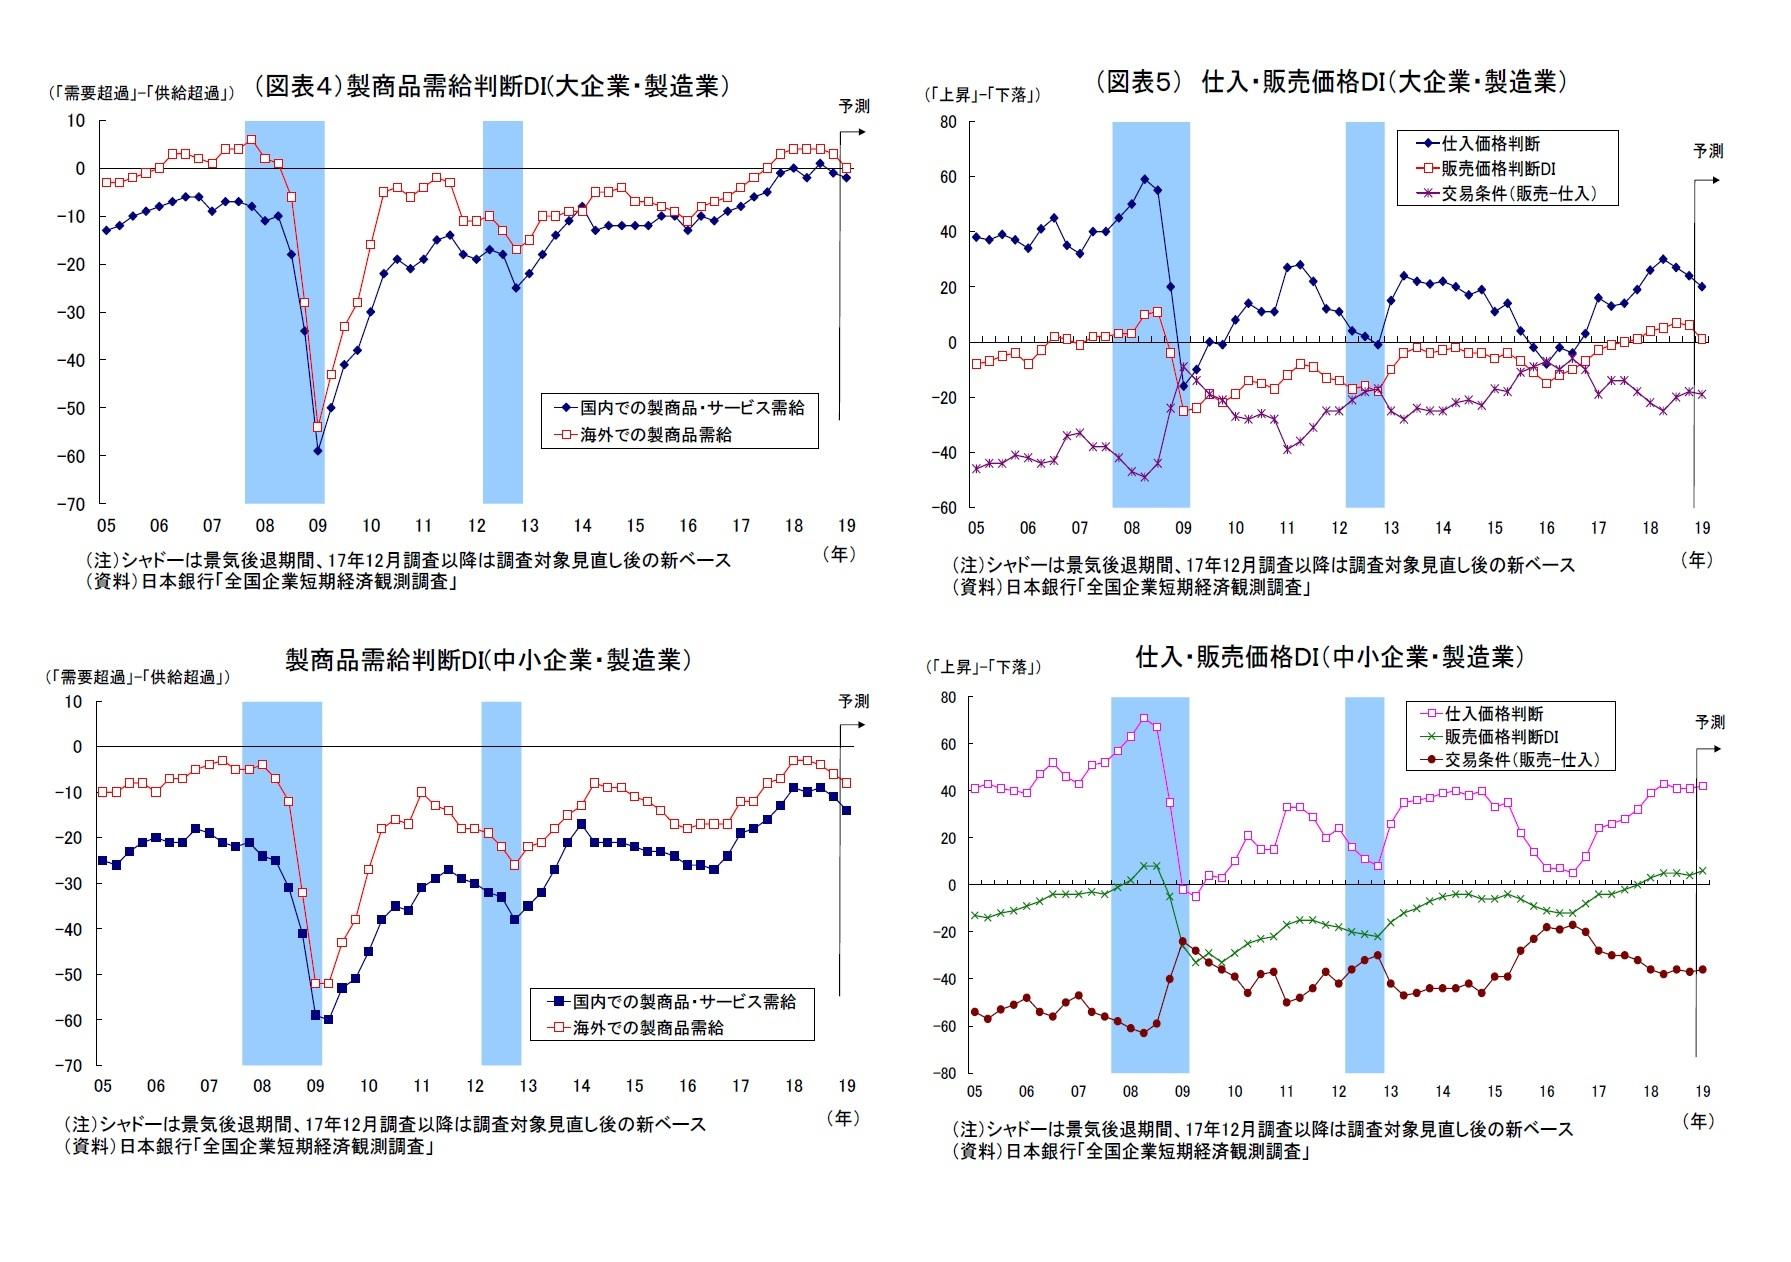 (図表4)製商品需給判断DI(大企業・製造業)/(図表5) 仕入・販売価格DI(大企業・製造業)